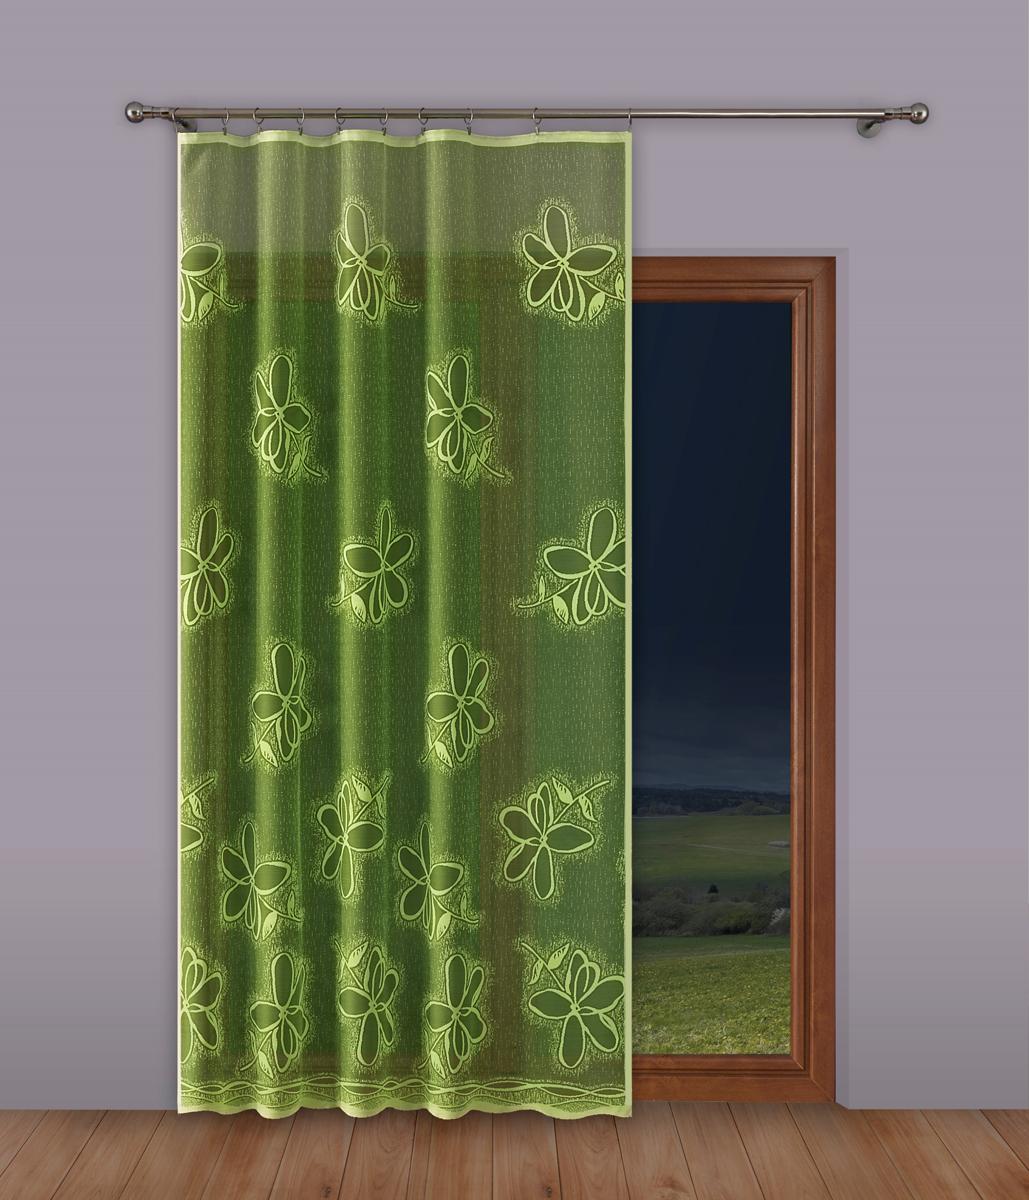 Тюль P Primavera Firany, на ленте, цвет: салатовый, высота 250 см, ширина 160 см. 1110380 primavera